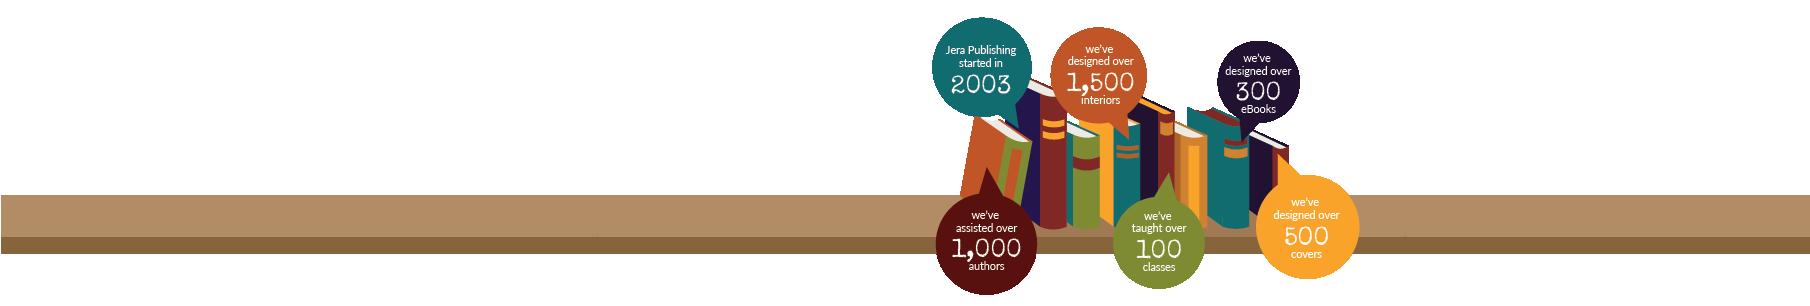 About Jera Publishing